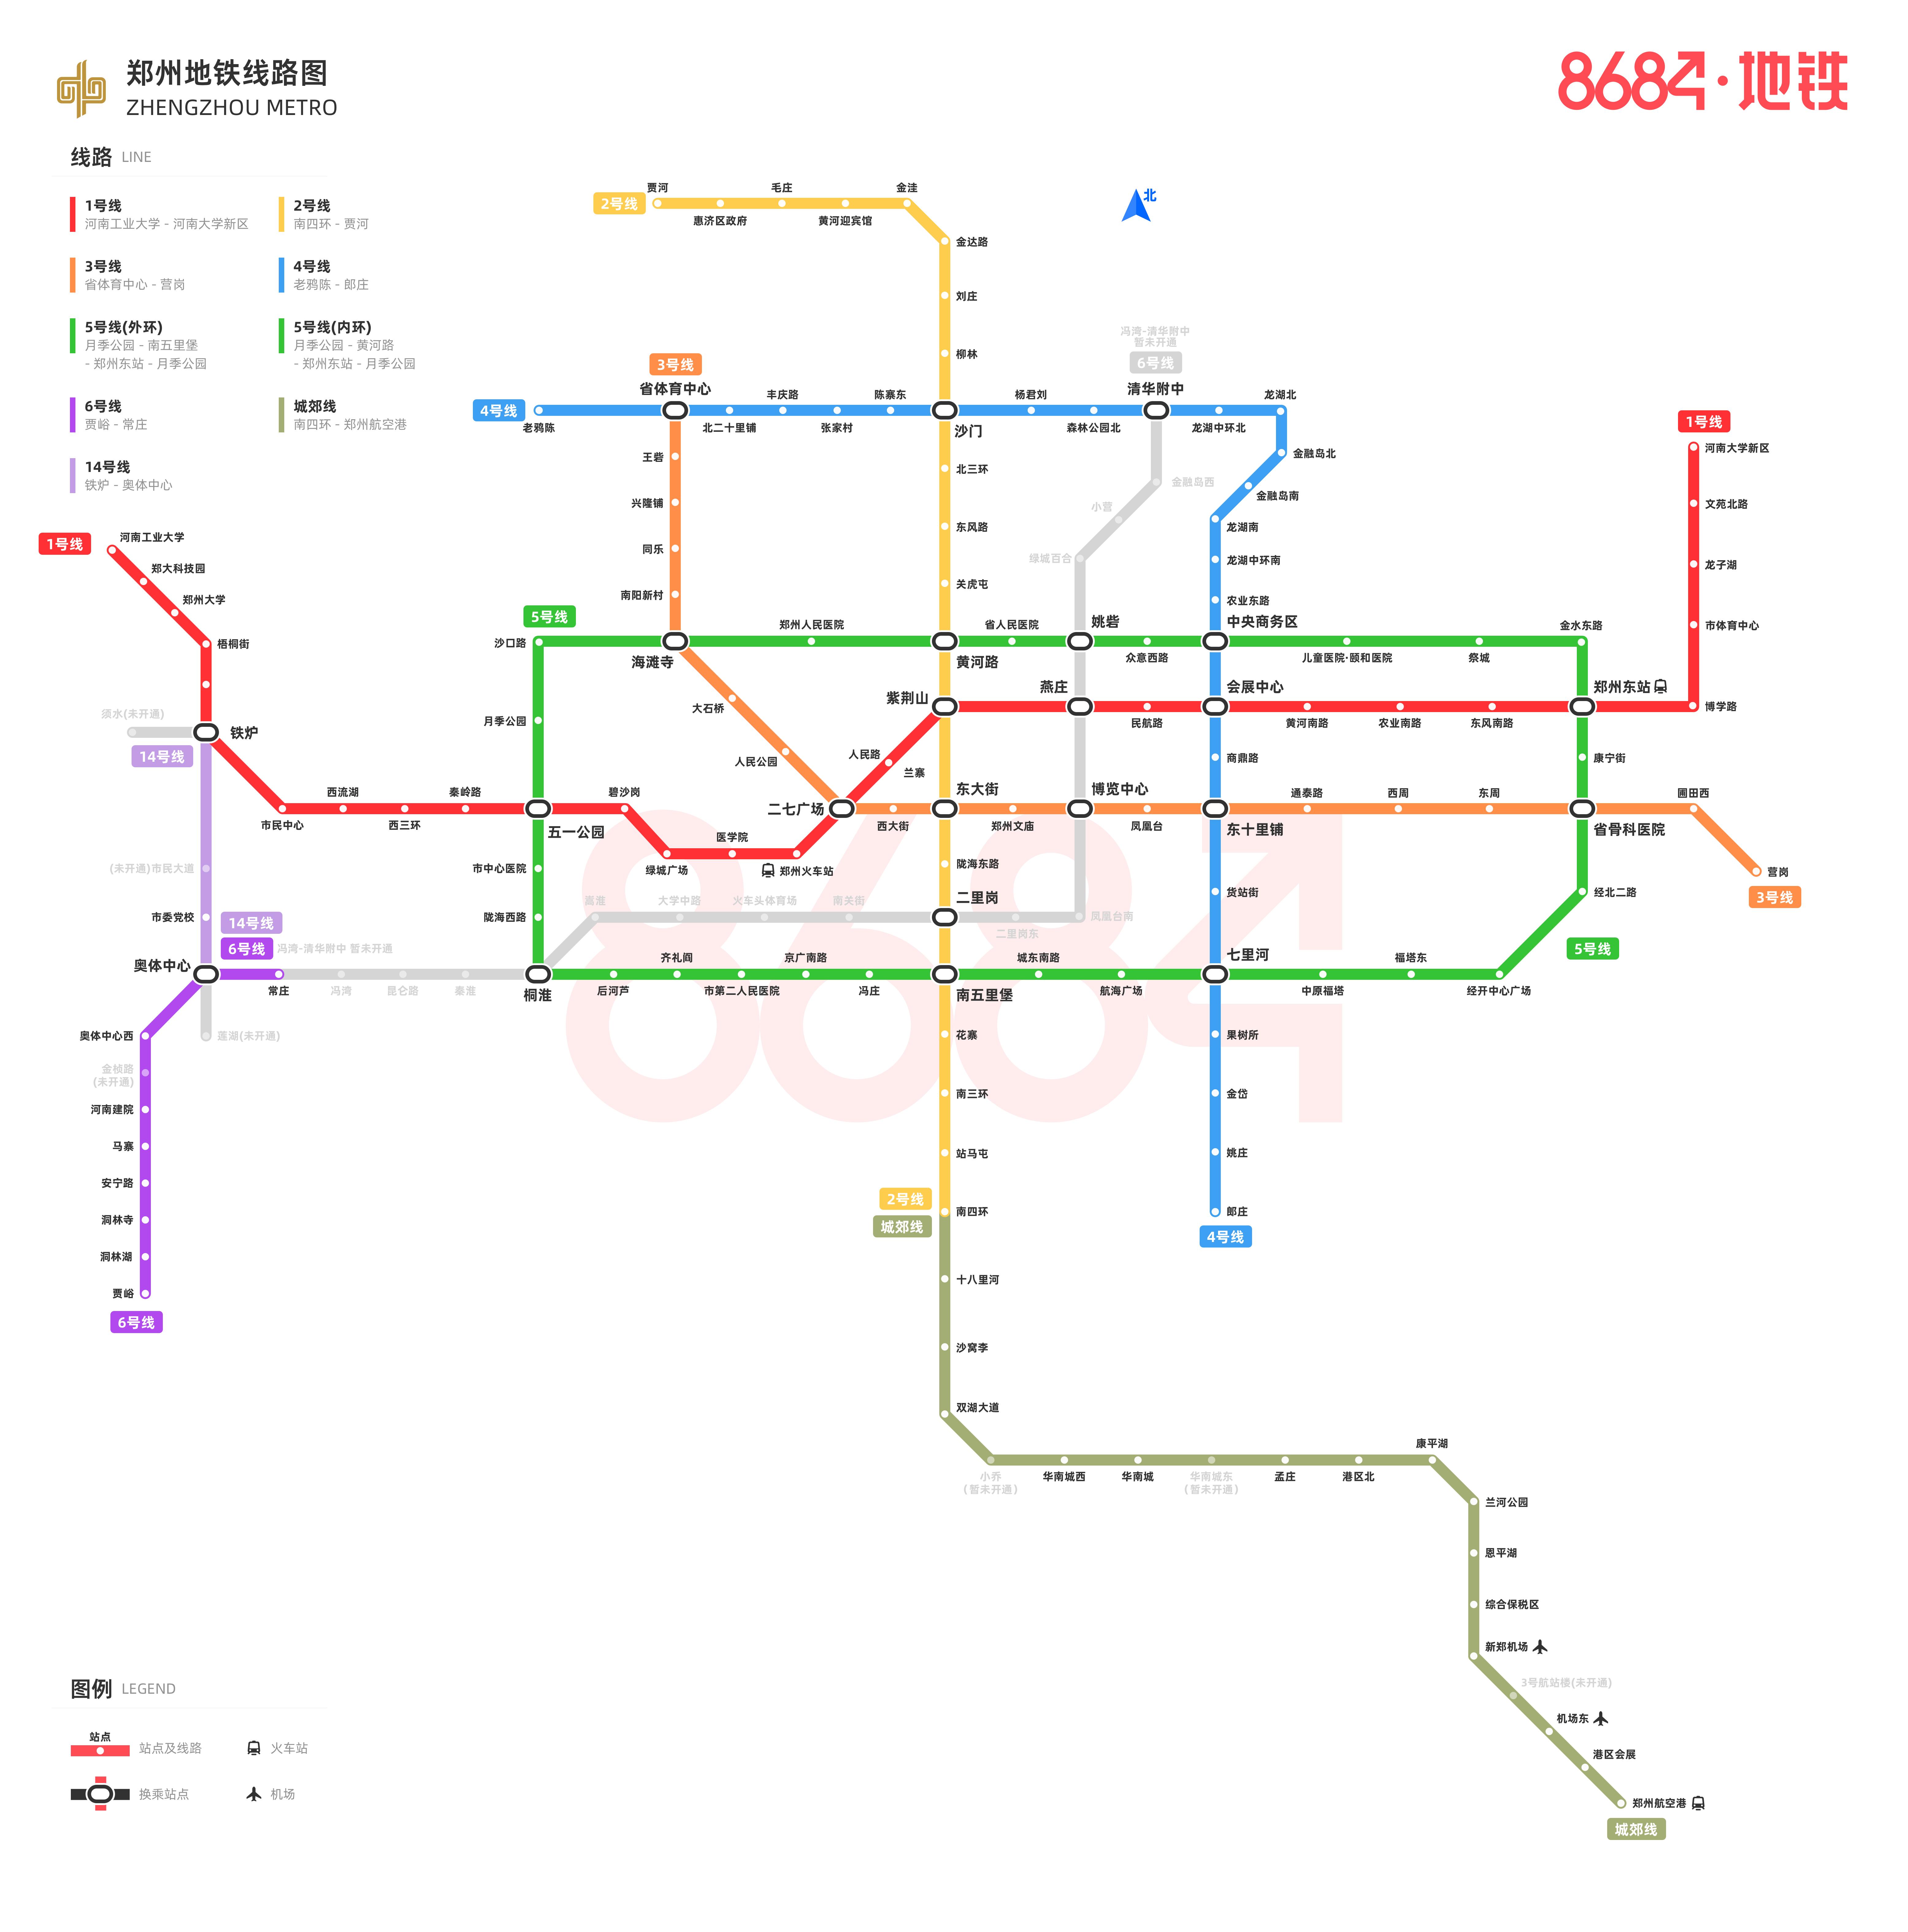 郑州地铁线路图